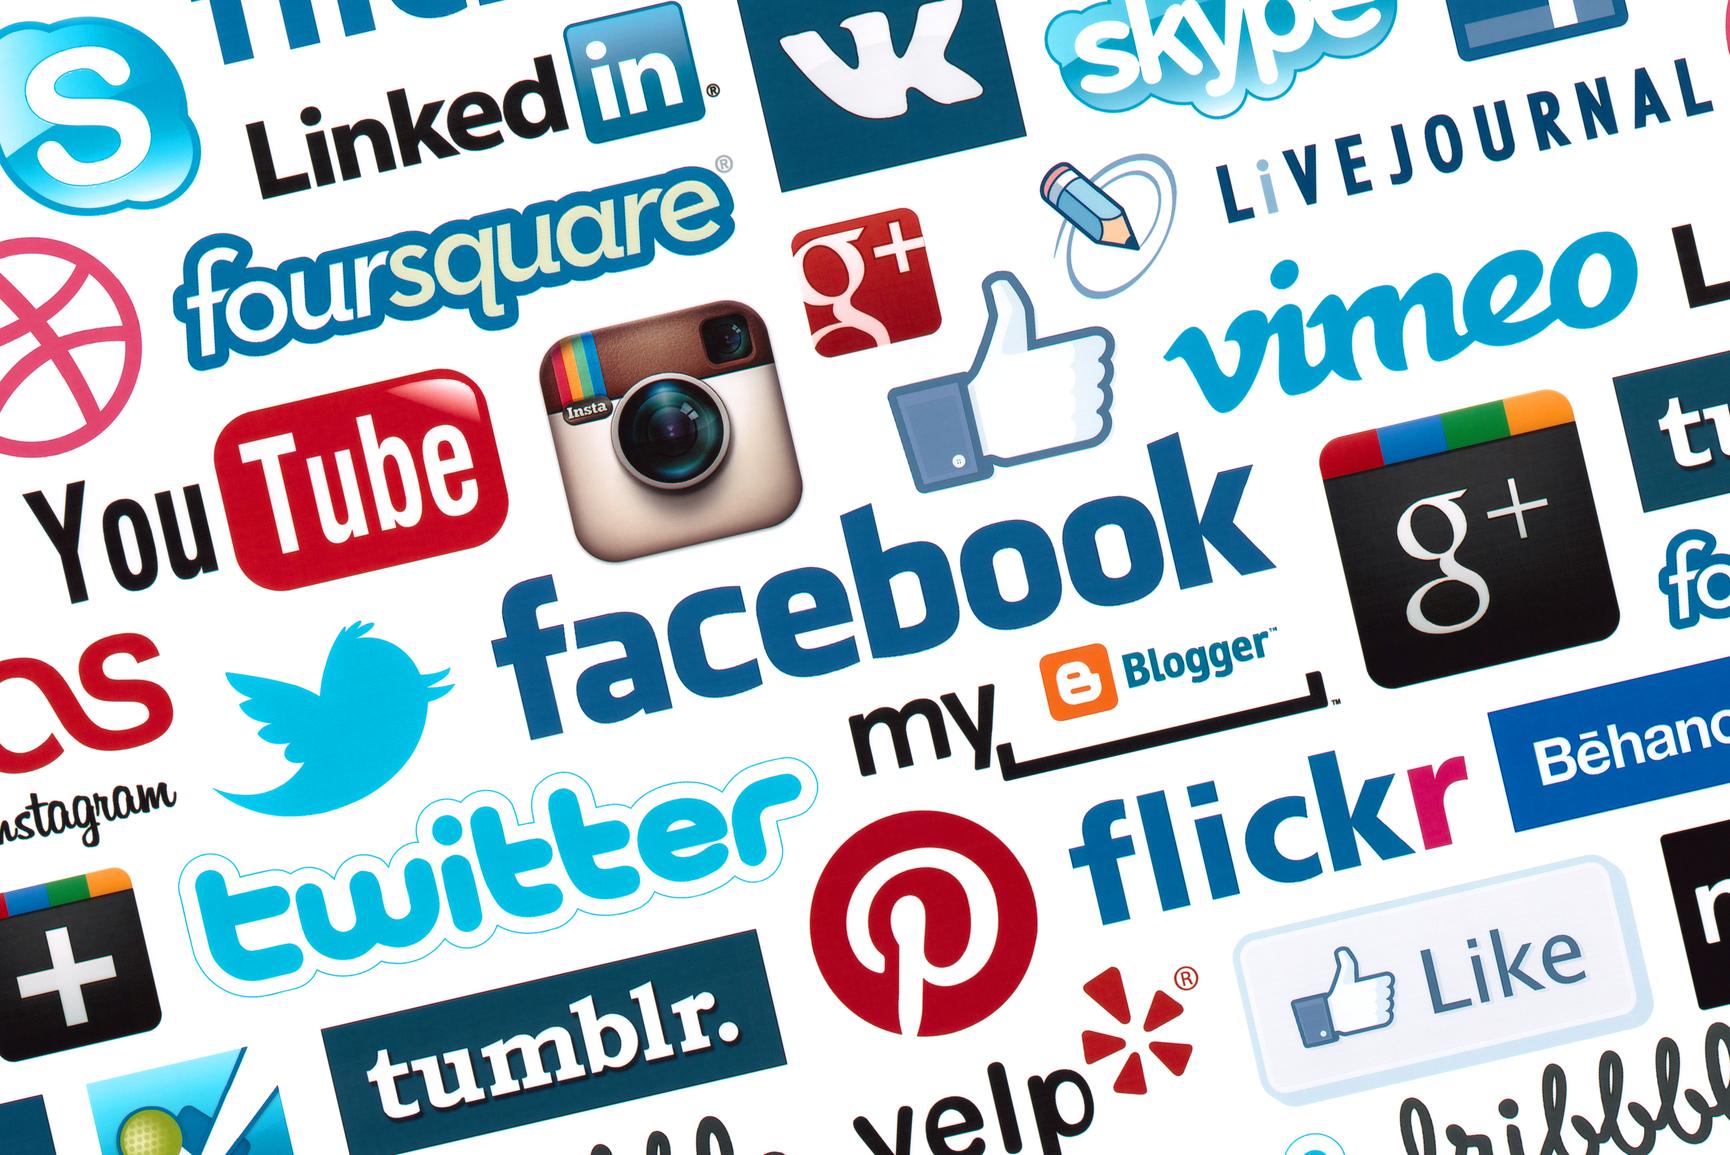 Ο κίνδυνος των social media, σ' ένα ανατριχιαστικό κοινωνικό πείραμα.